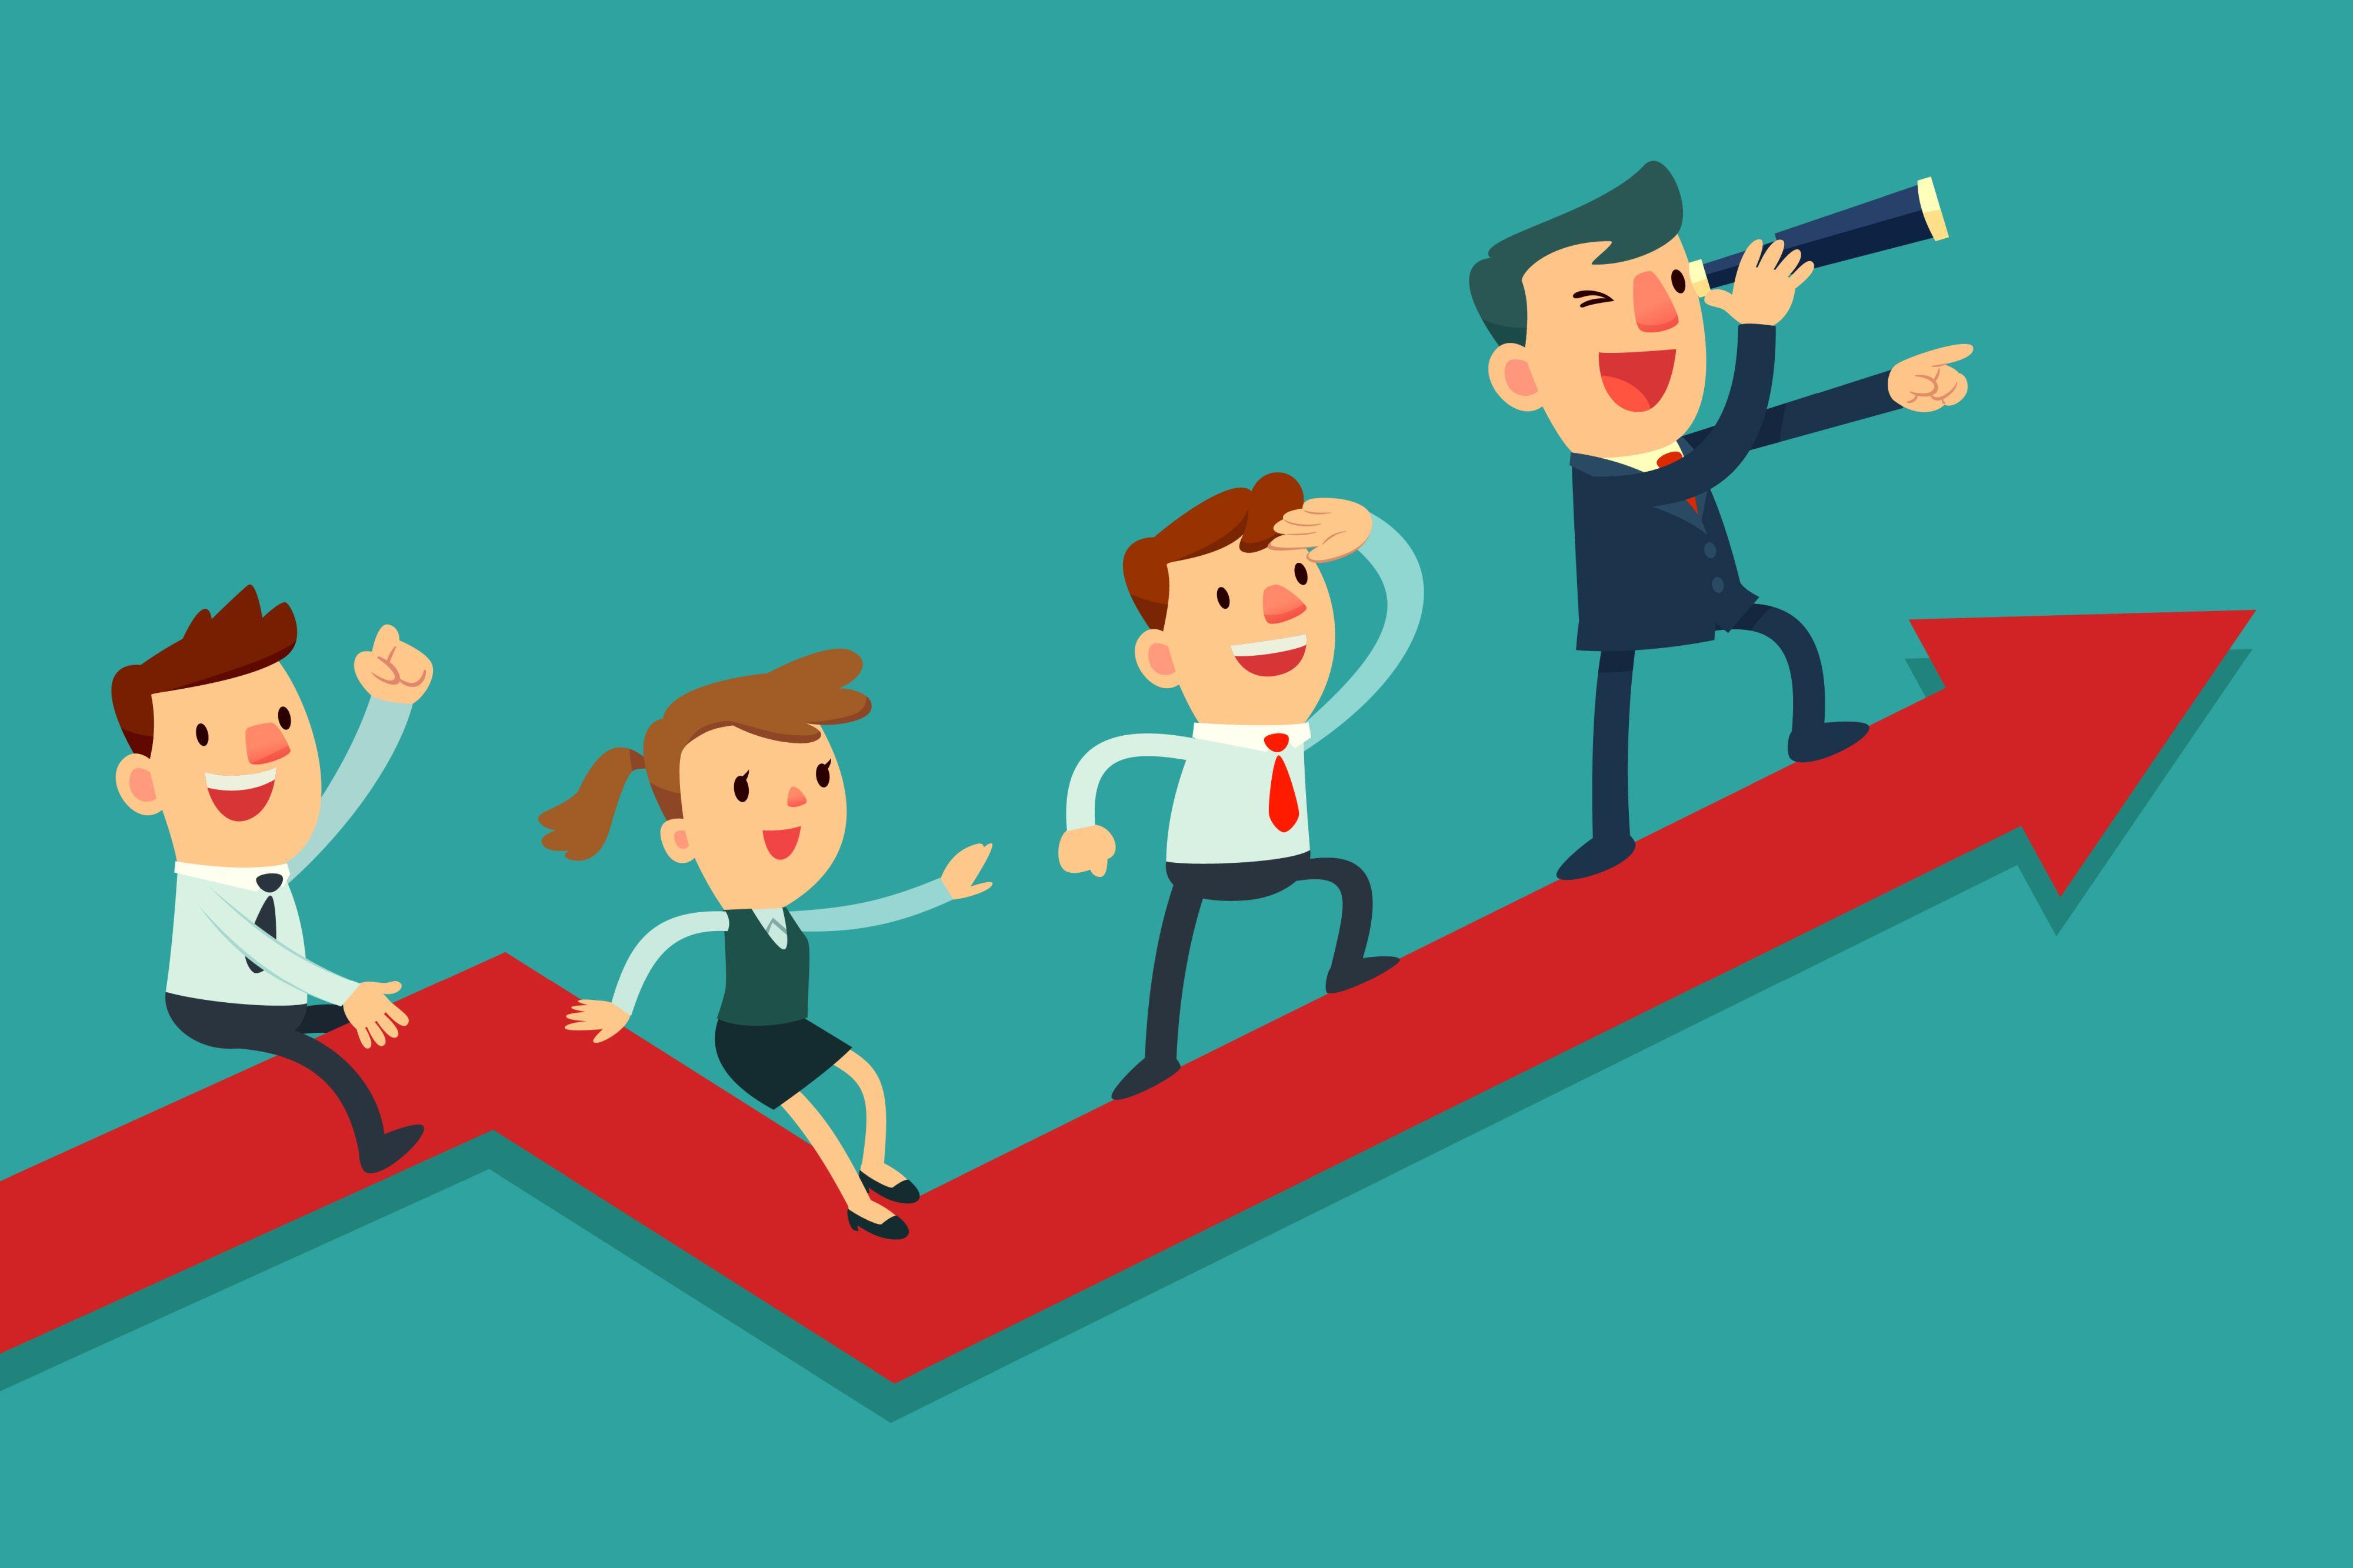 Korzyścią dla firmy wdrażającej program upskillingu czy reskillingu jest możliwość uzupełnienia luk kadrowych, obniżenie kosztów rekrutacji, czy też dobre przygotowanie do realizacji strategii biznesowych. (Fot. Shutterstock)